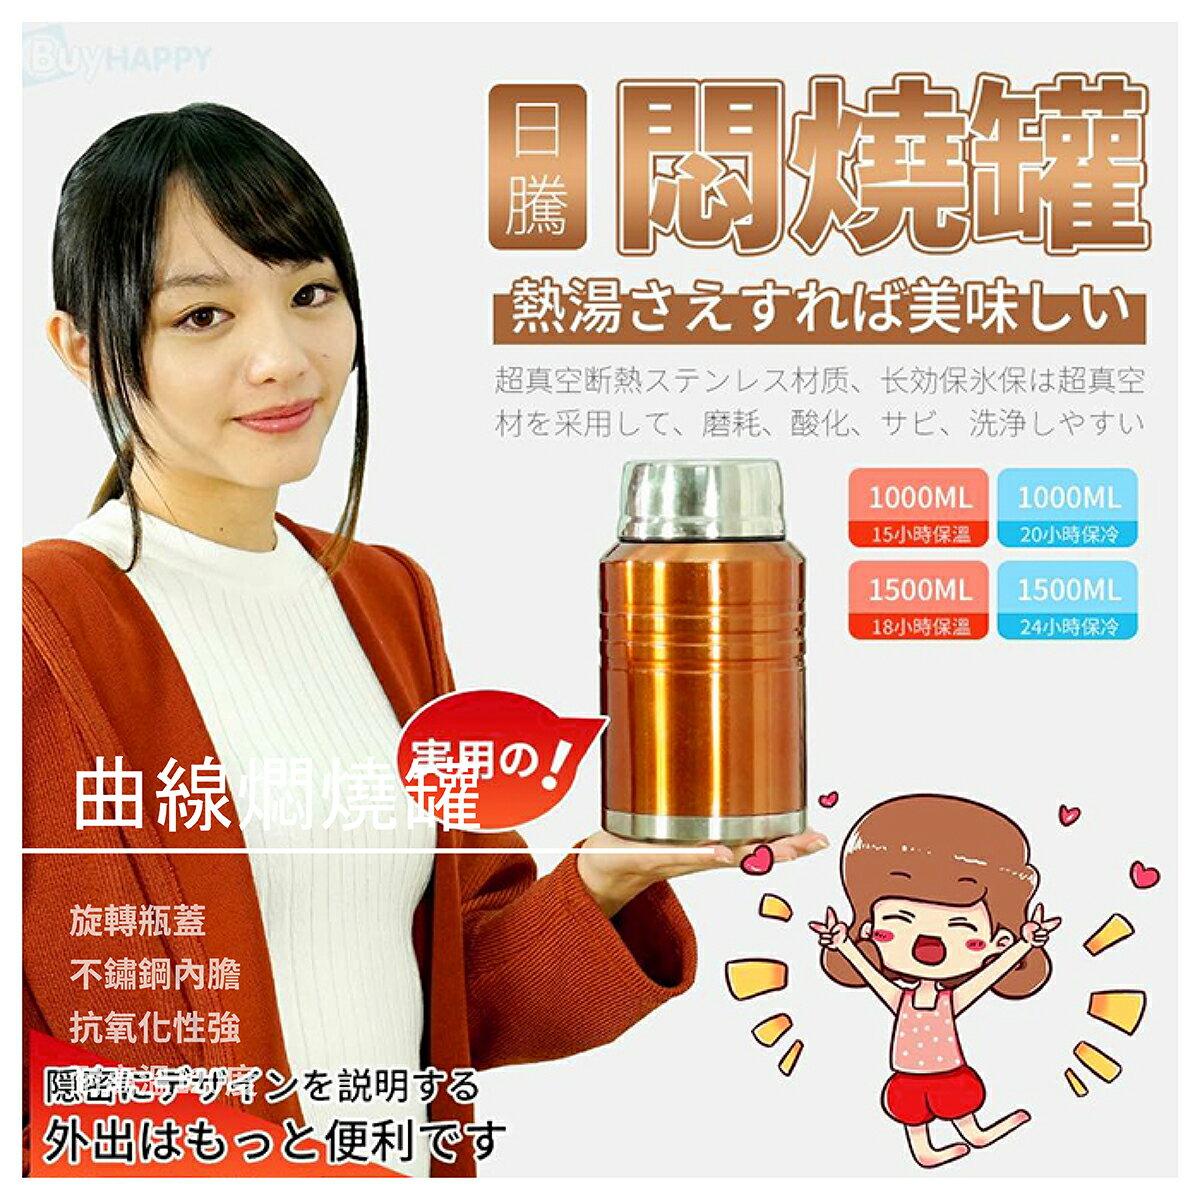 渼物市集 【日騰杯子工場】曲線燜燒罐/ 1500ml